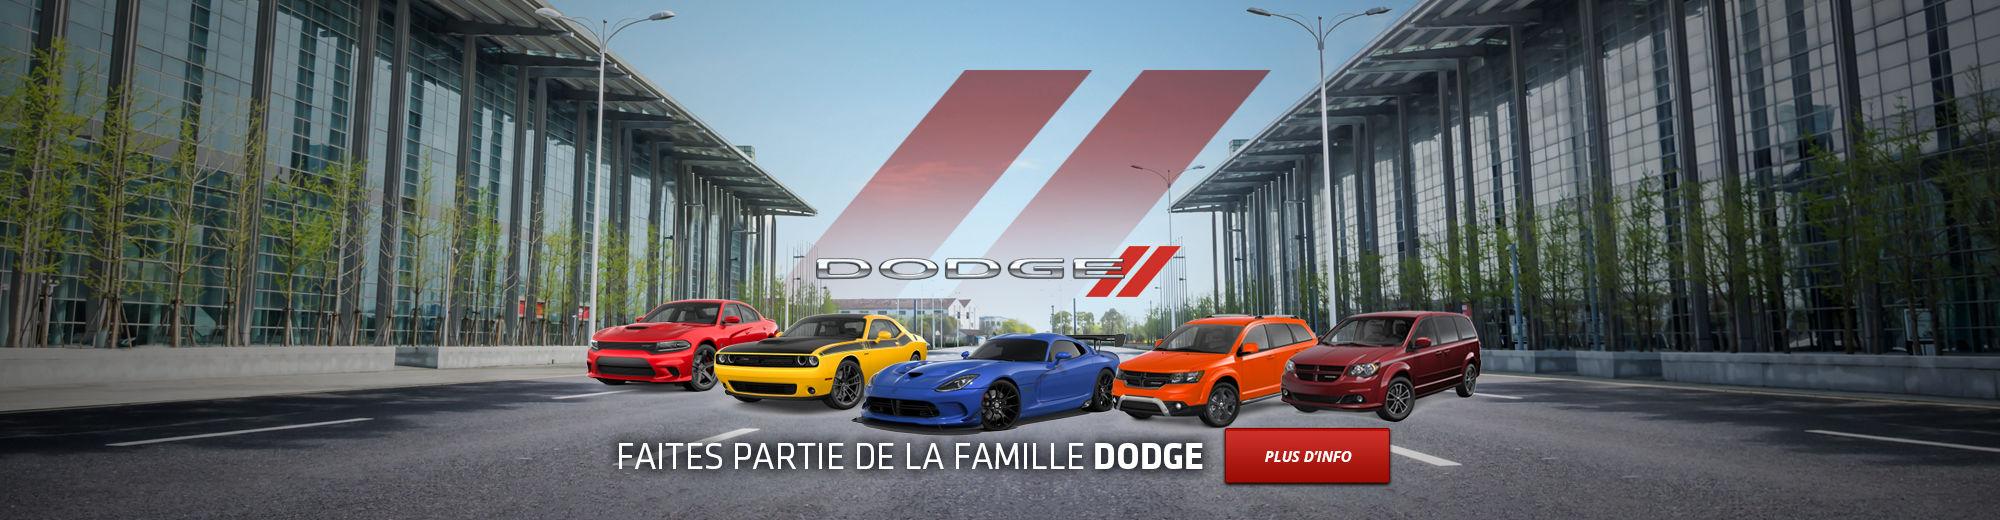 Faites partie de la famille DODGE